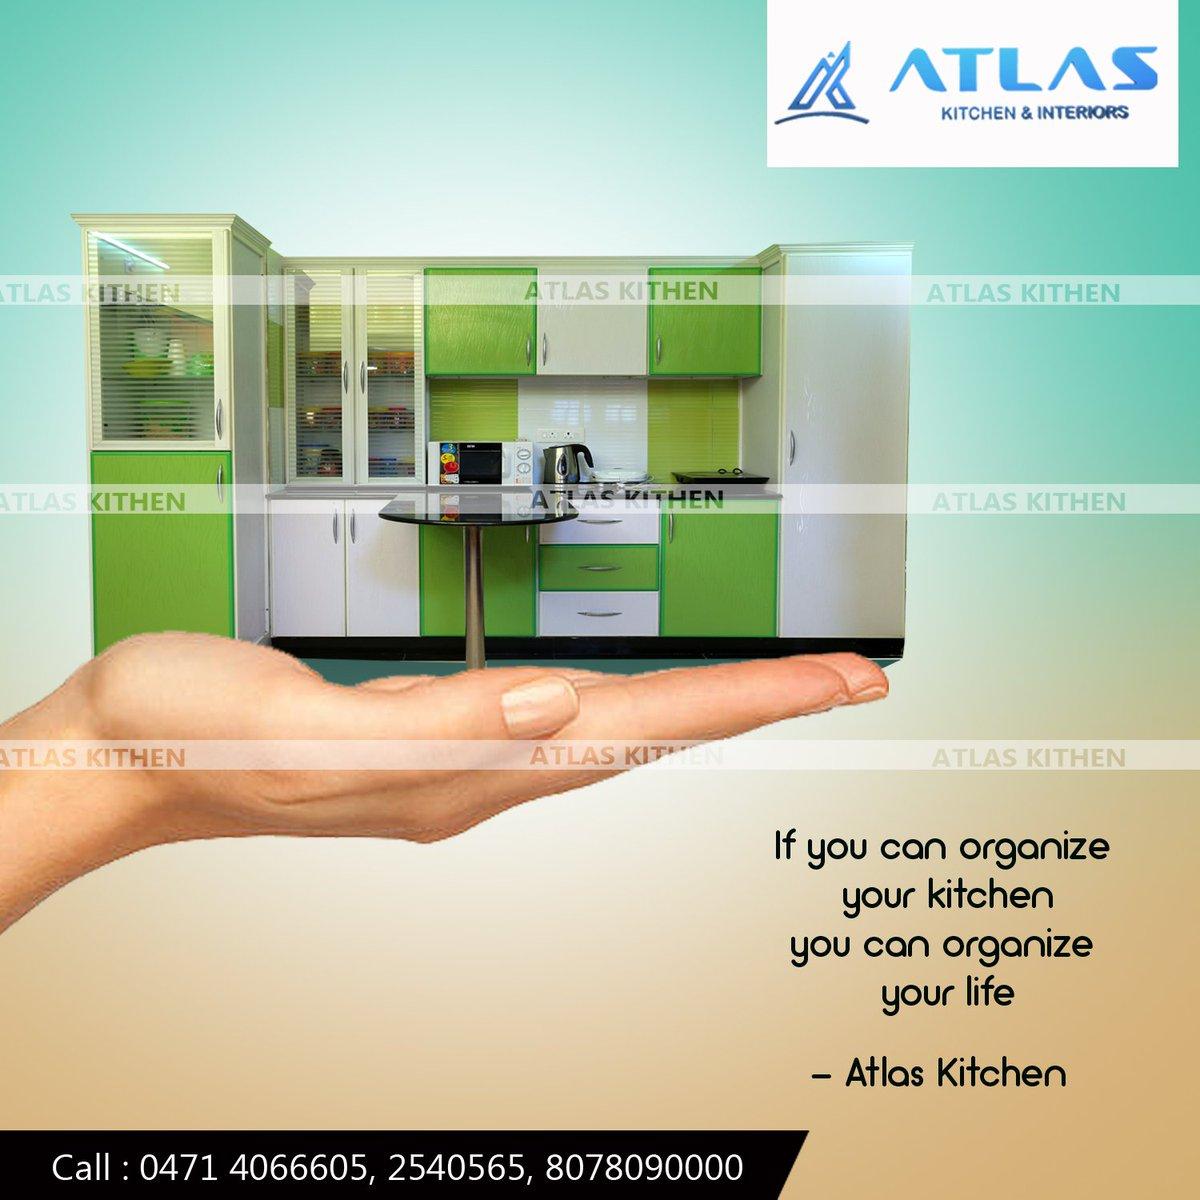 Atlas Kitchen Atlaskitchentvm Twitter